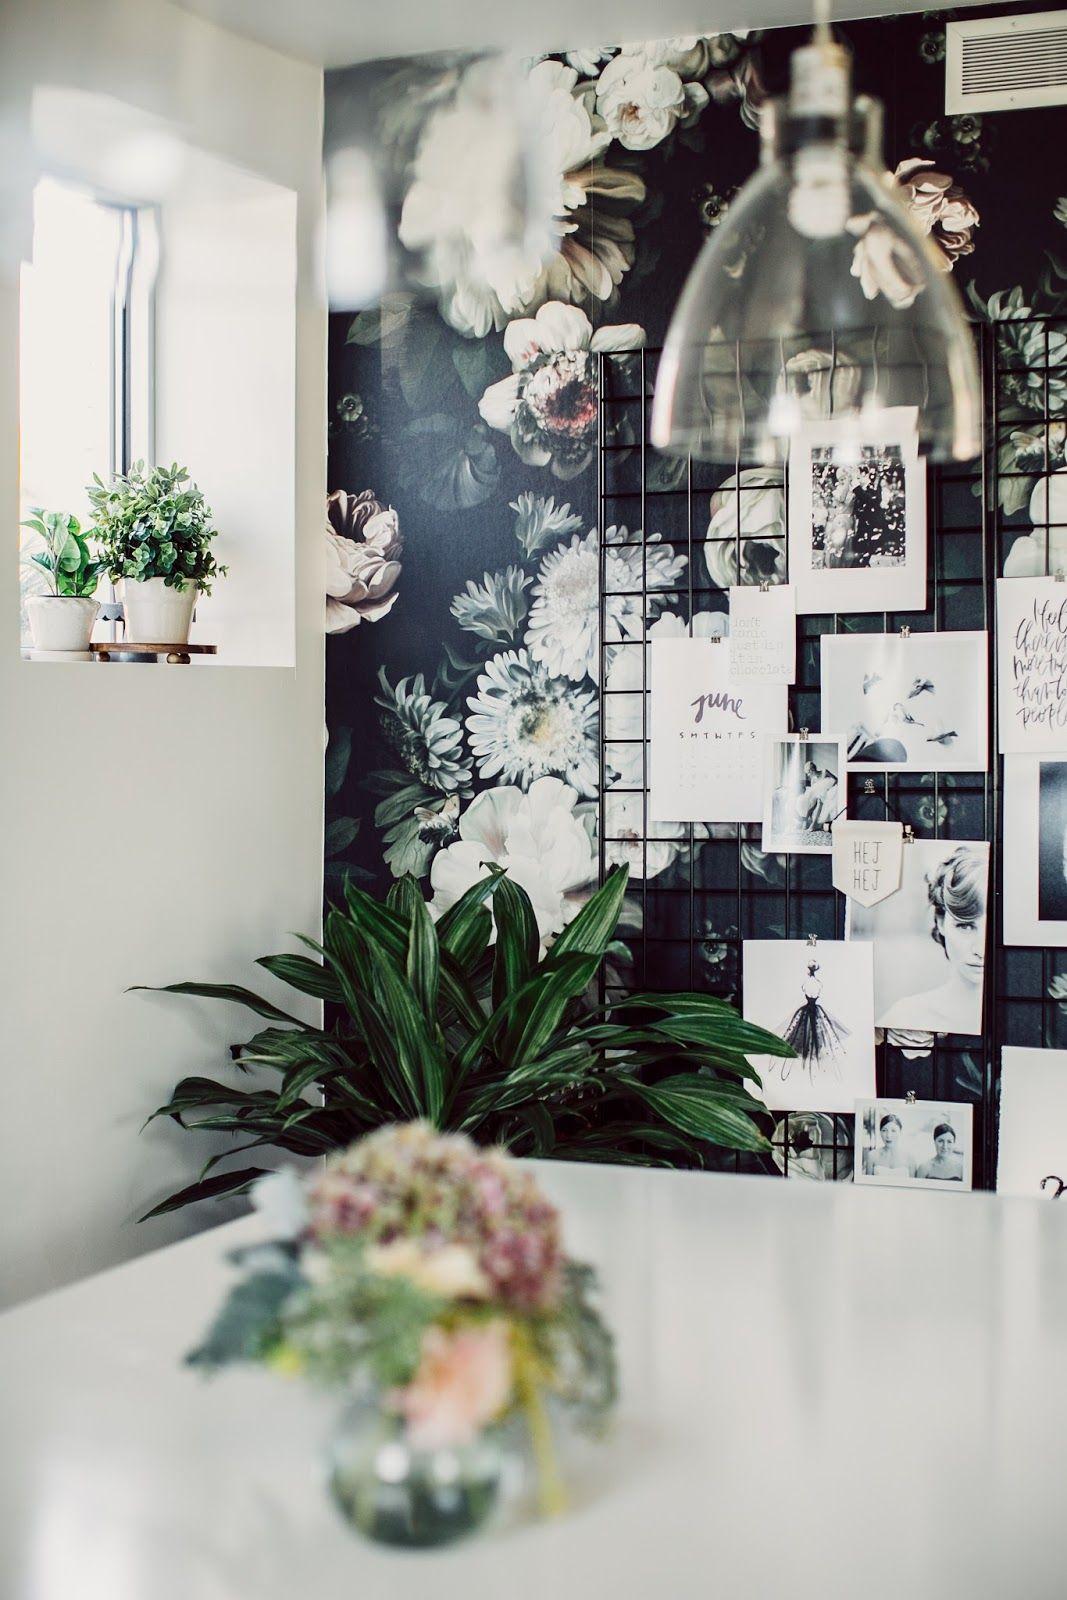 Usa Un Bureau Au Papier Peint Floral Decor Floral Wallpaper Home Decor